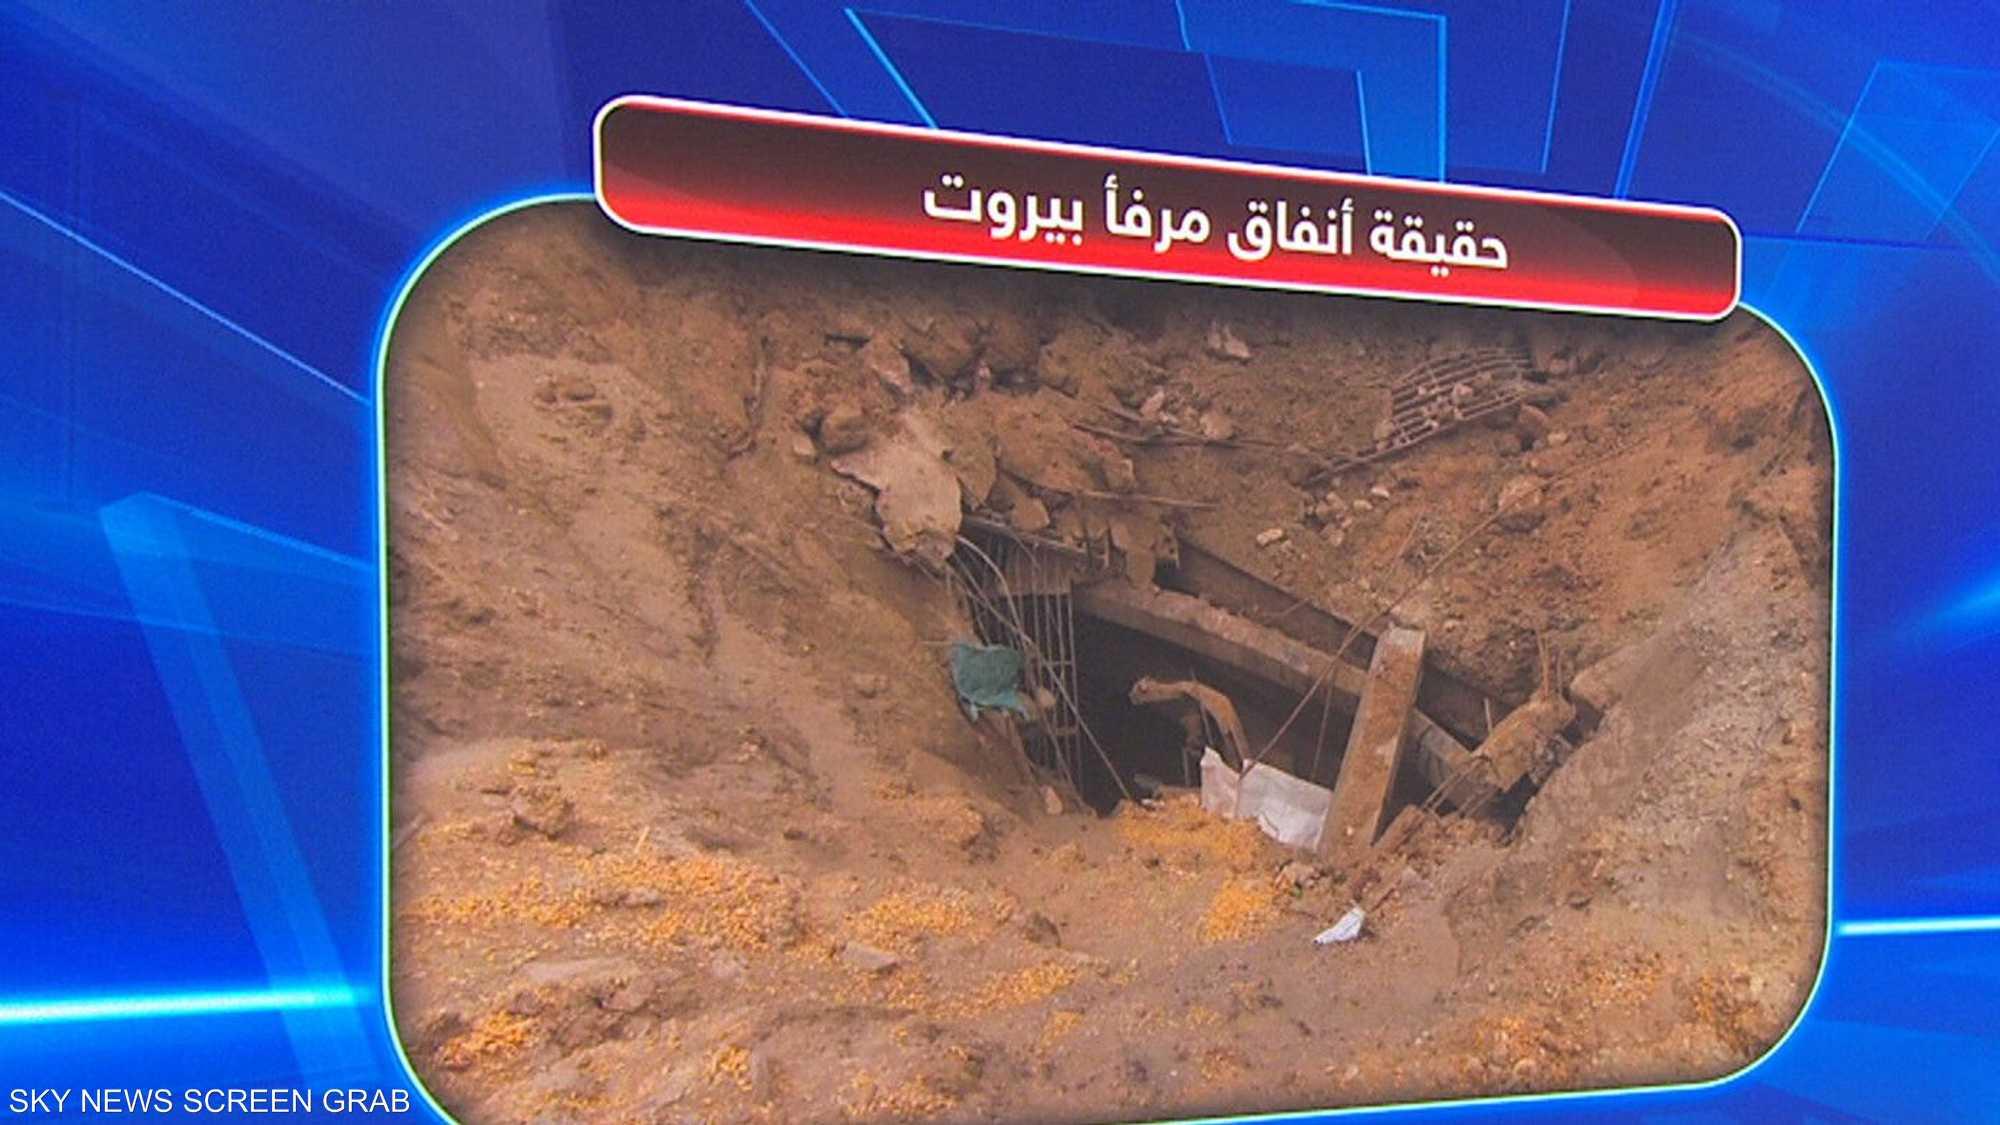 """جيش اللبناني يصدر بيانا بخصوص """"أنفاق مرفأ بيروت"""""""